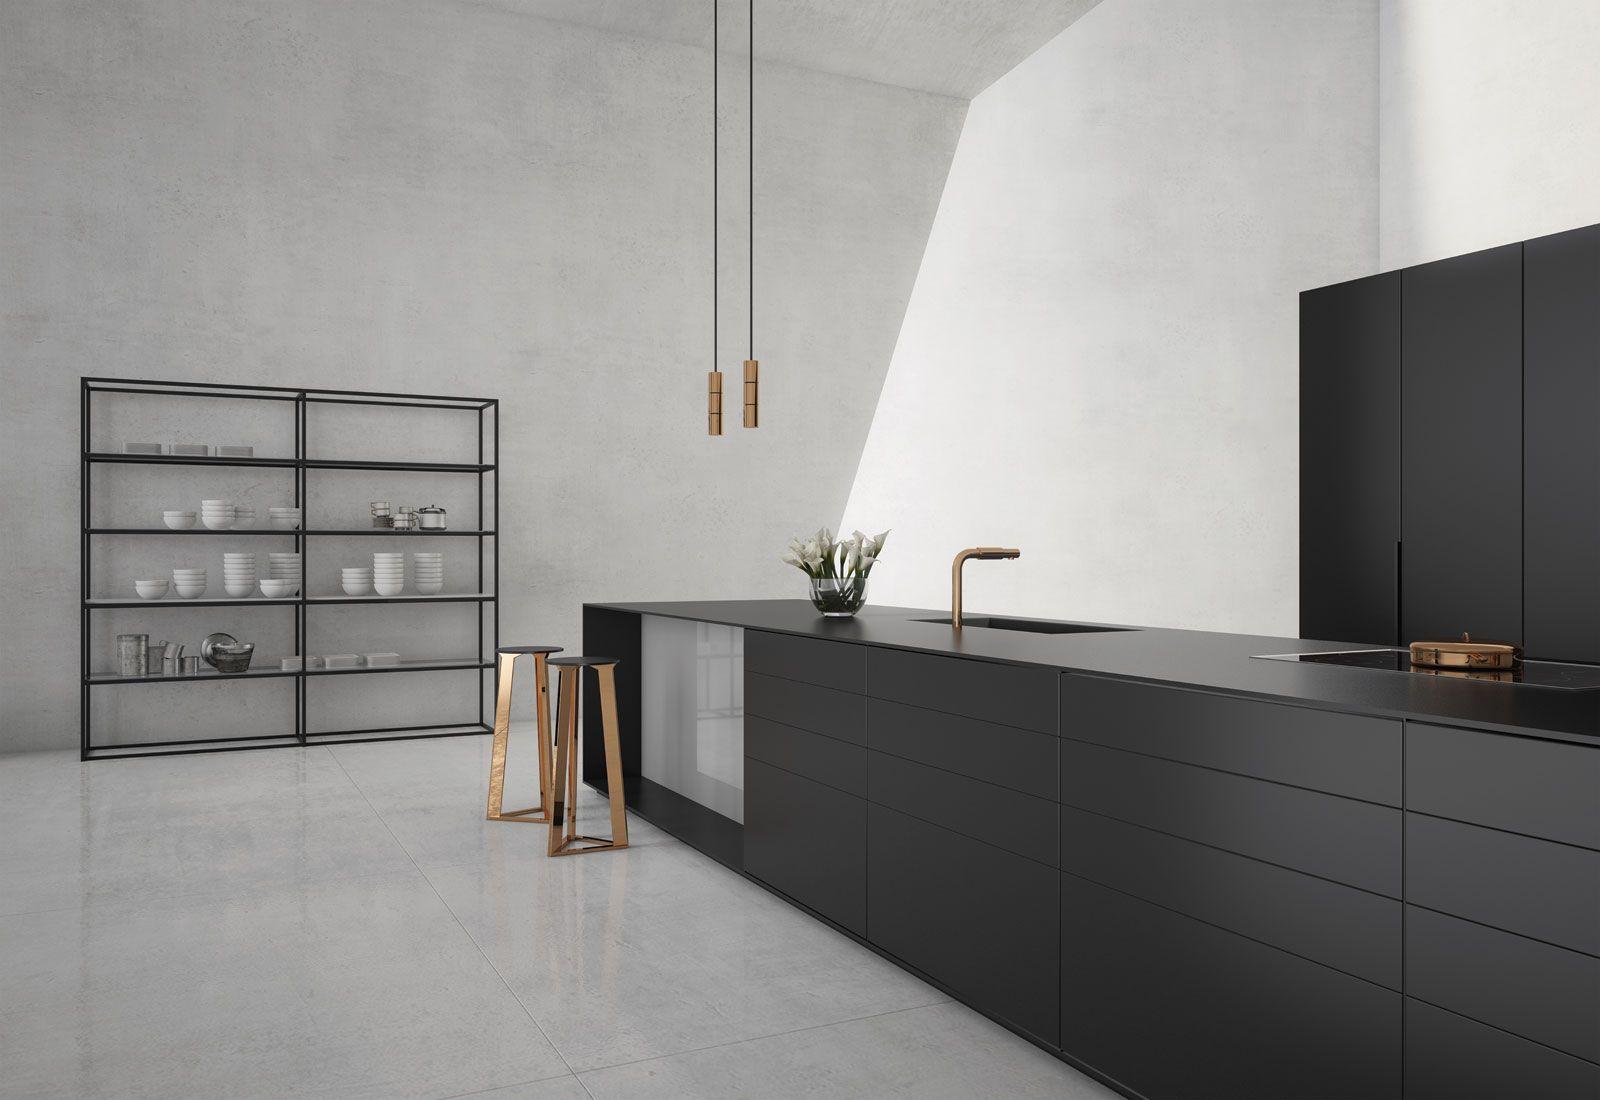 Innenarchitektur für küchenschrank london design festival  küchenideen  pinterest  minimalistische